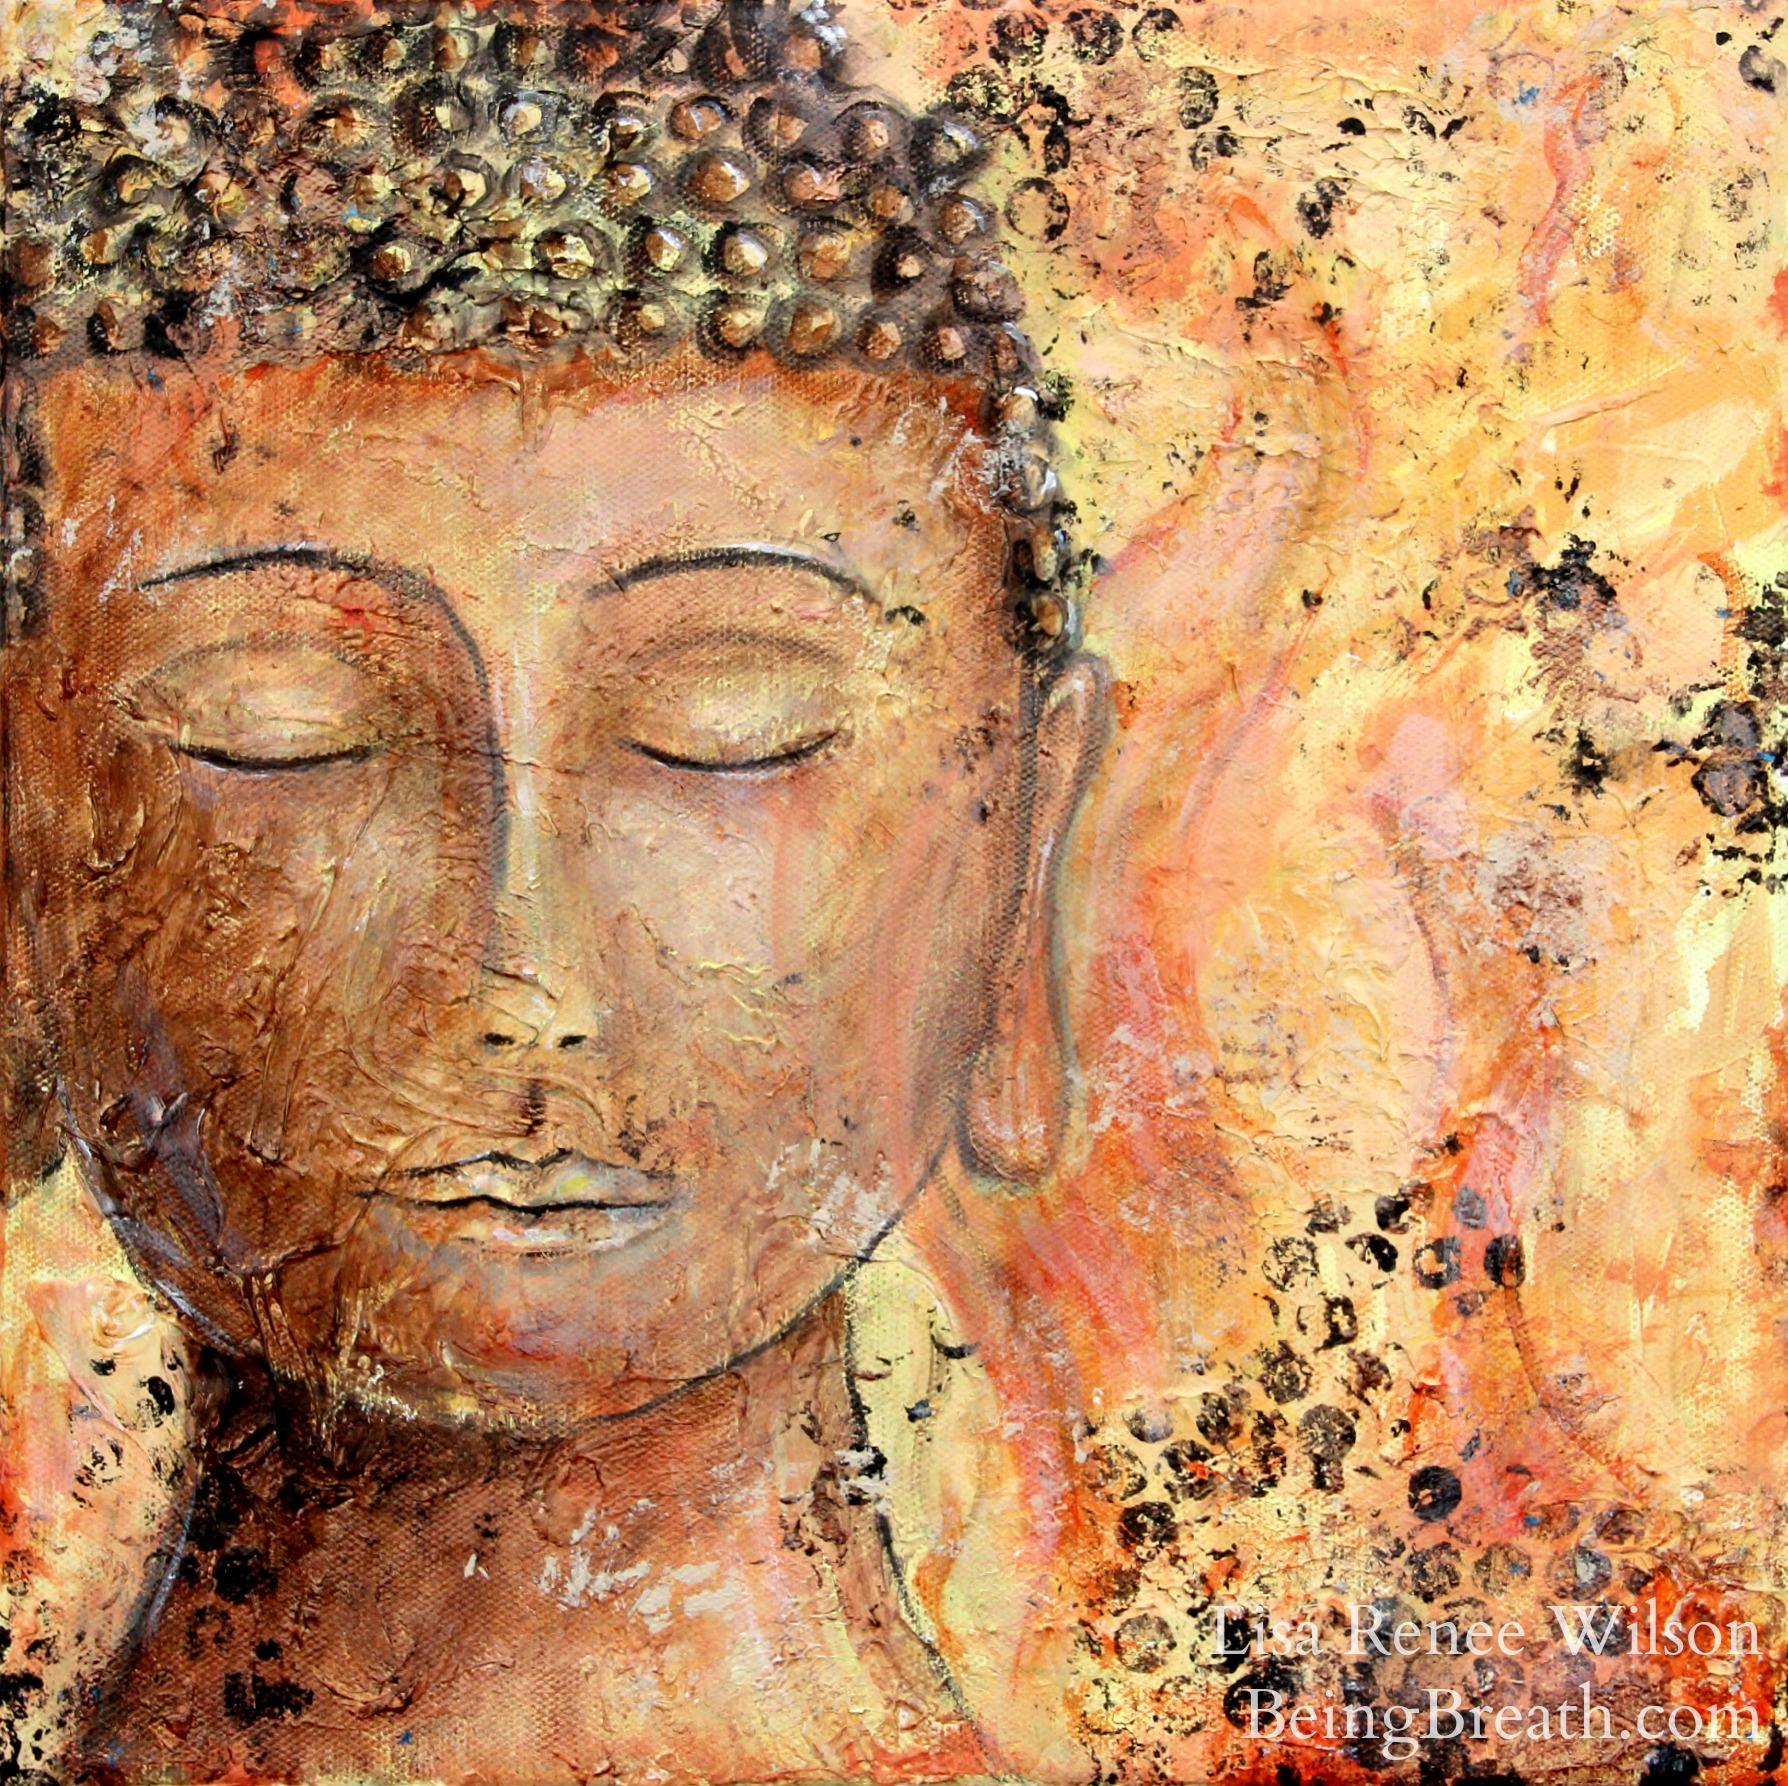 Art_IMG_9772_FireBuddha_WM.jpg.jpg